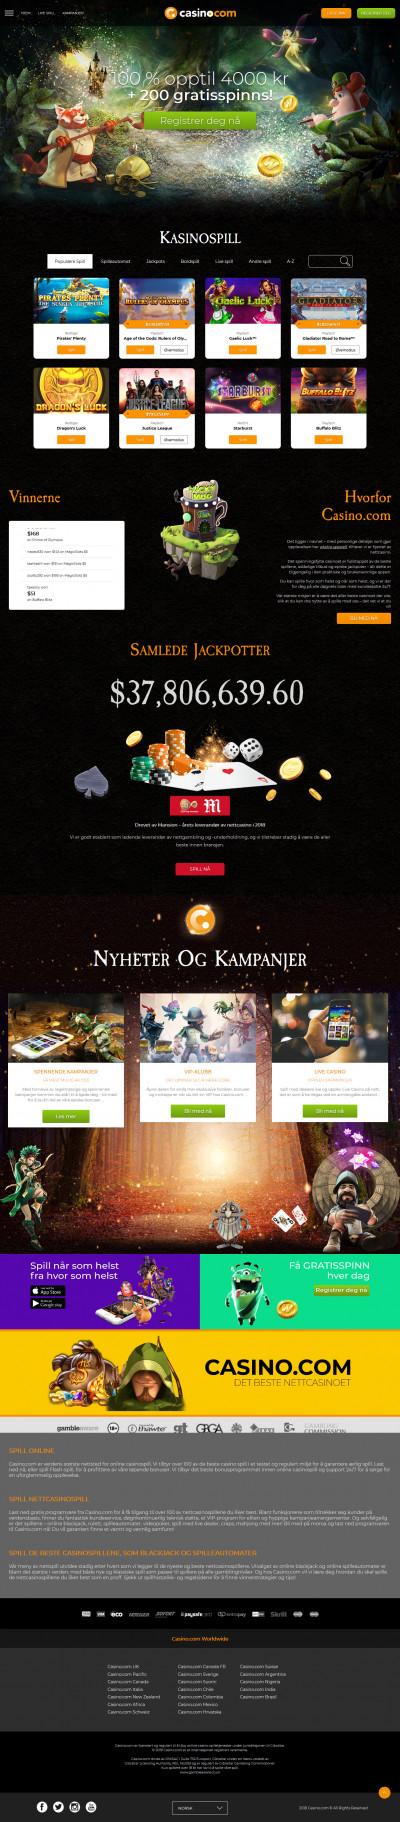 Casino.com kuvakaappaus